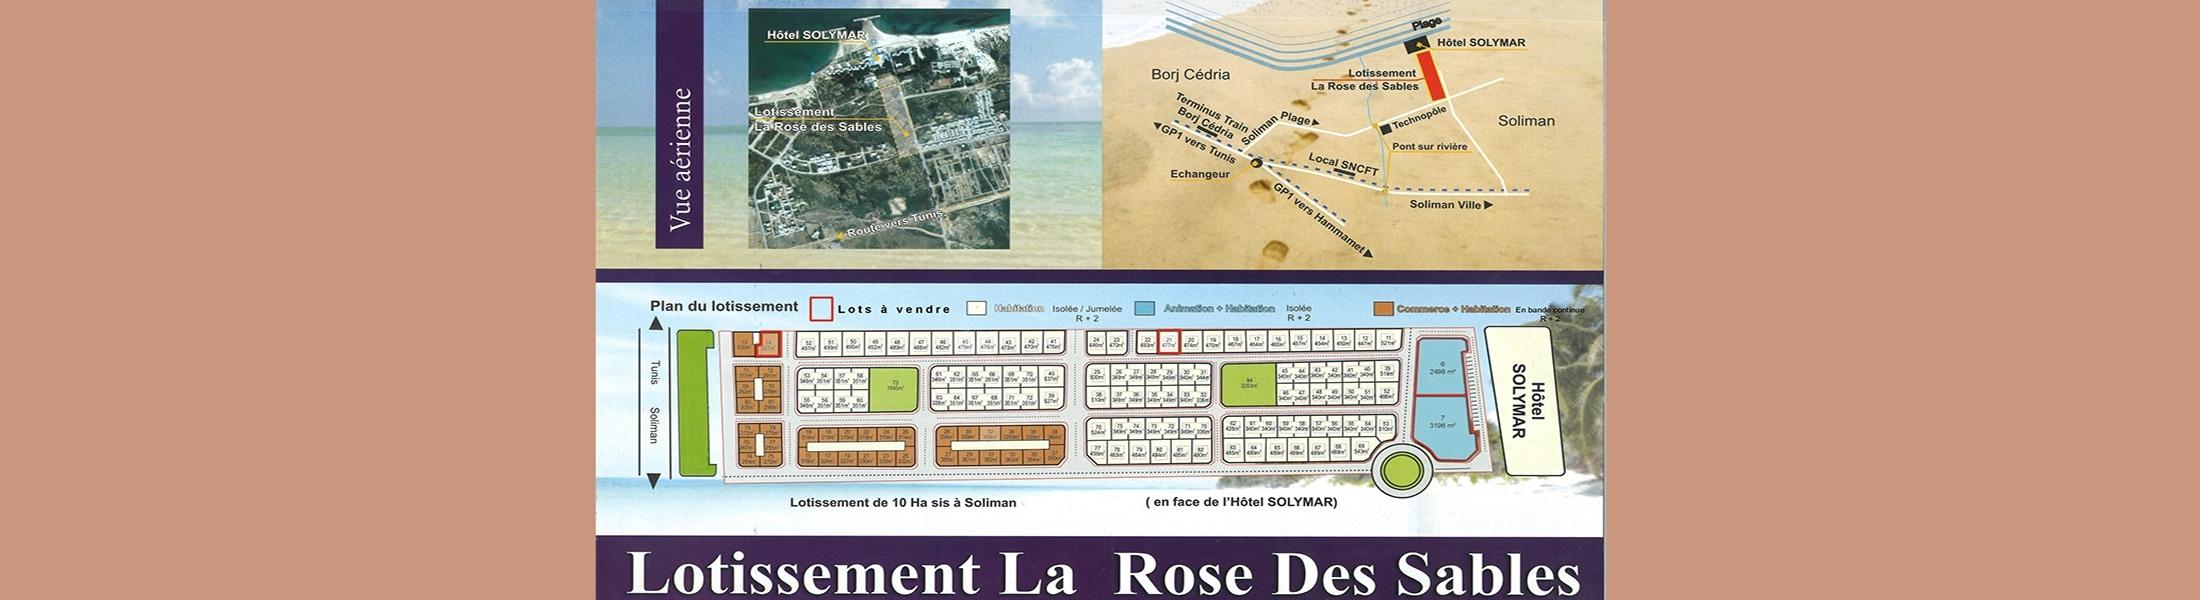 المقسم الياسمين 14 بسليمان الشاطئ - نابل (طلب العروض عدد 03 لسنة 2021)